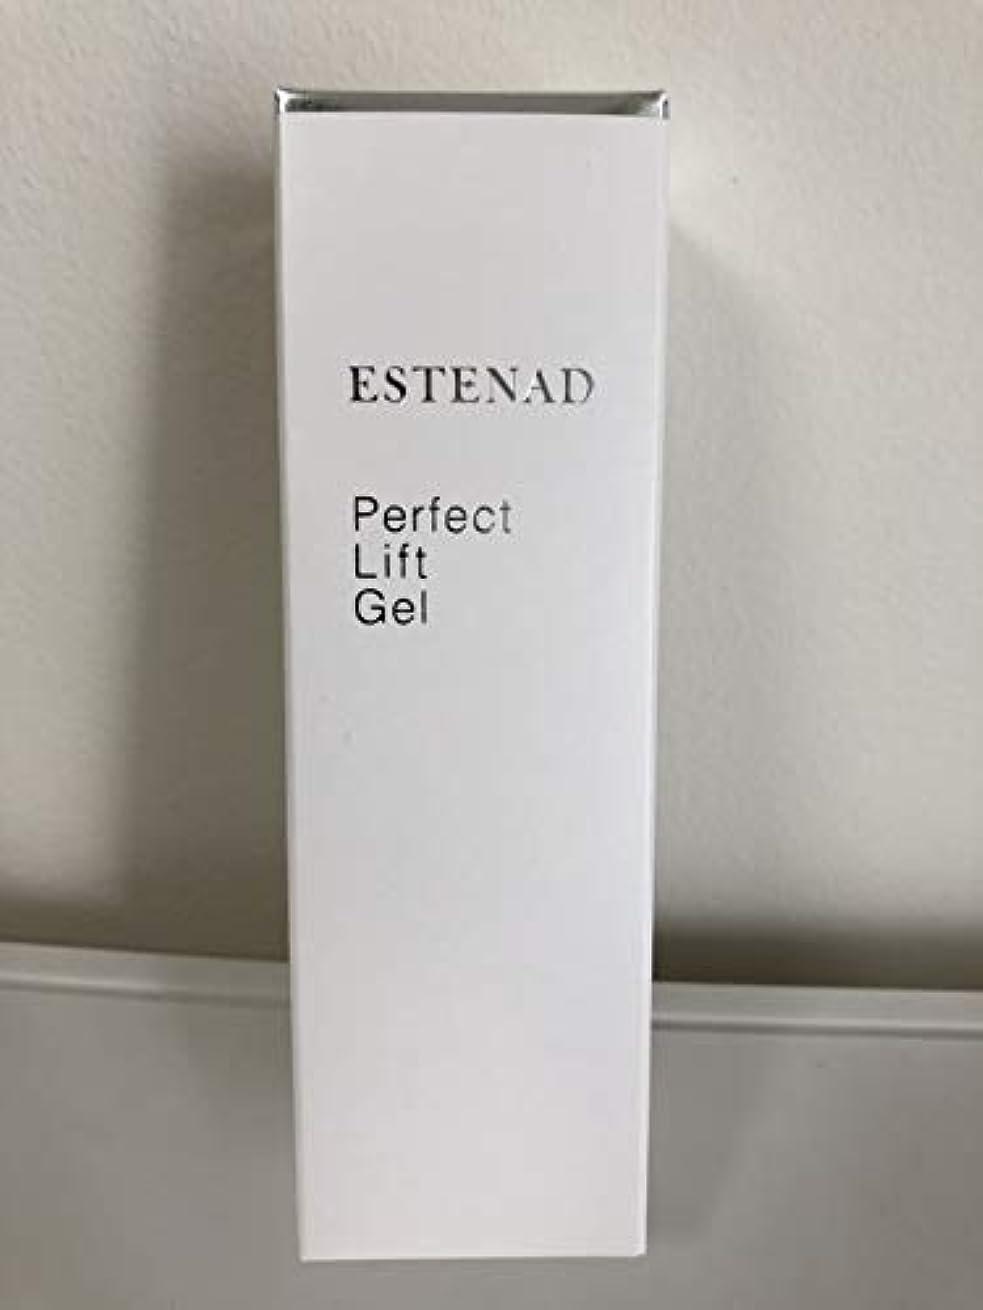 迫害運ぶ紀元前エステナード パーフェクトリフトジェル 美容液ジェル 80g